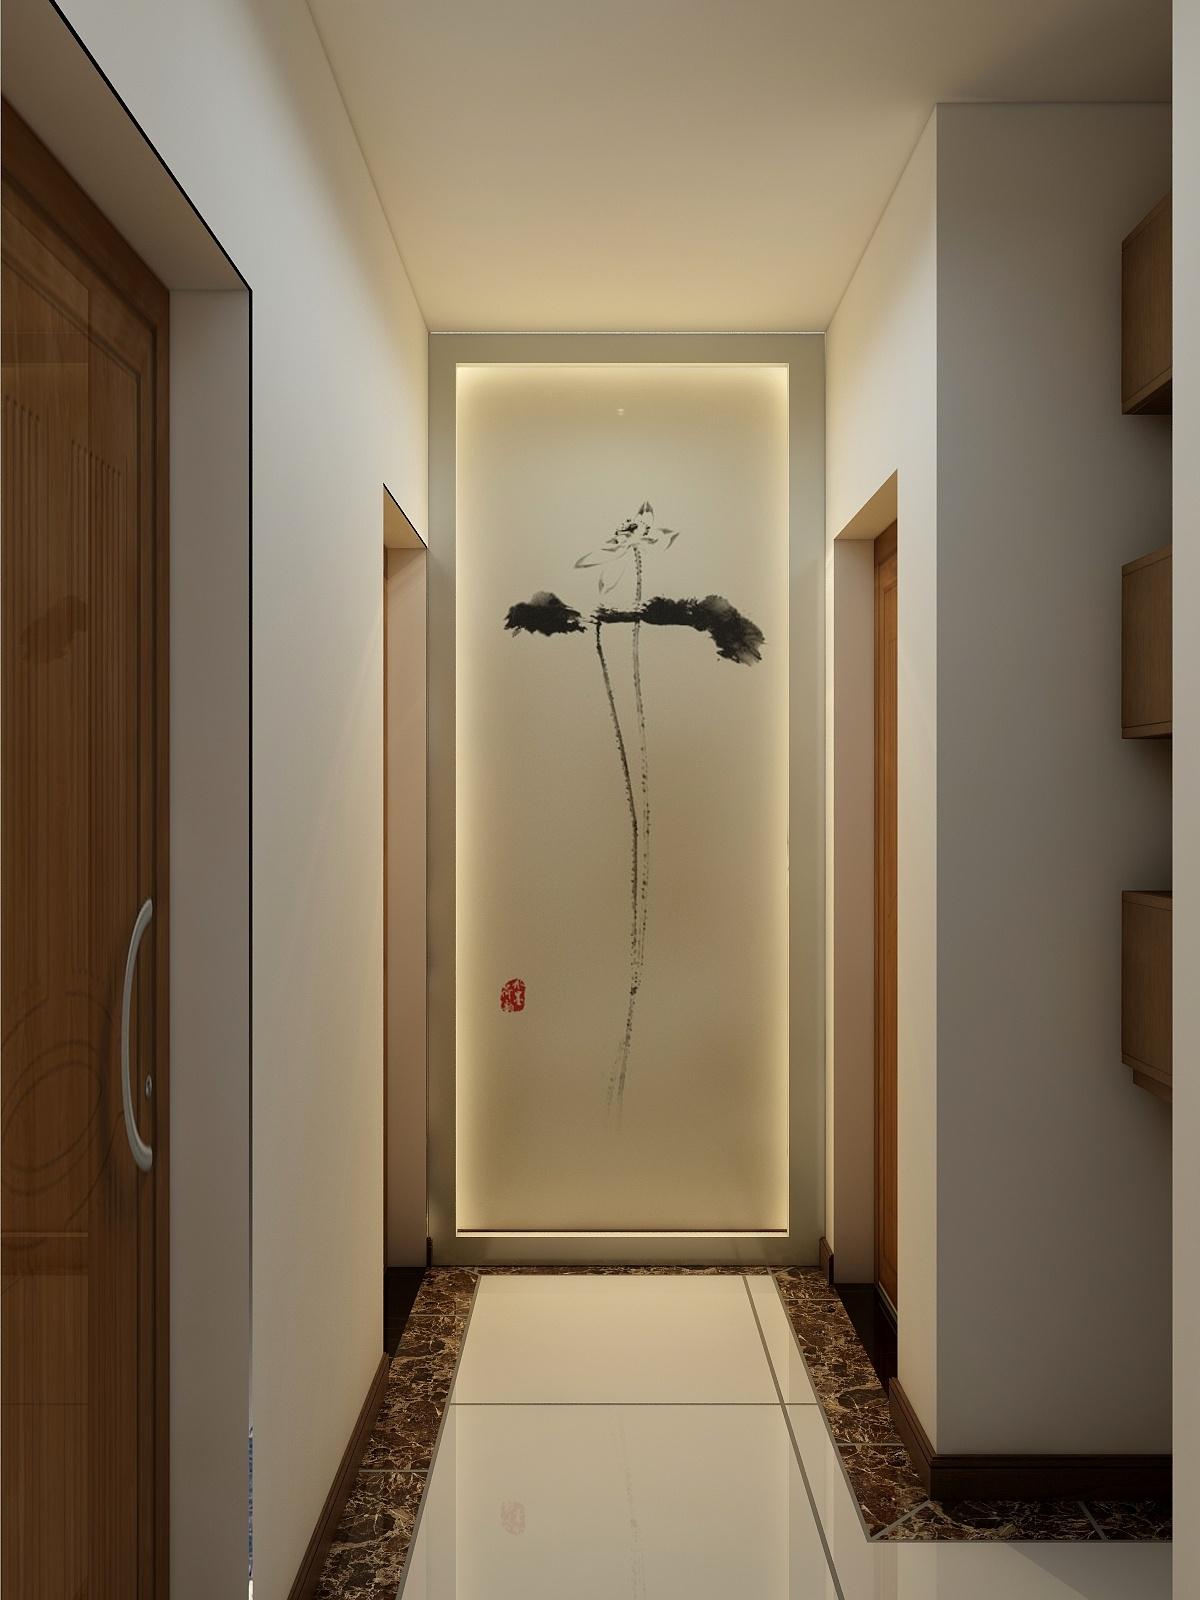 走廊图片来自悦嘉睿智文化在新中式效果图的分享